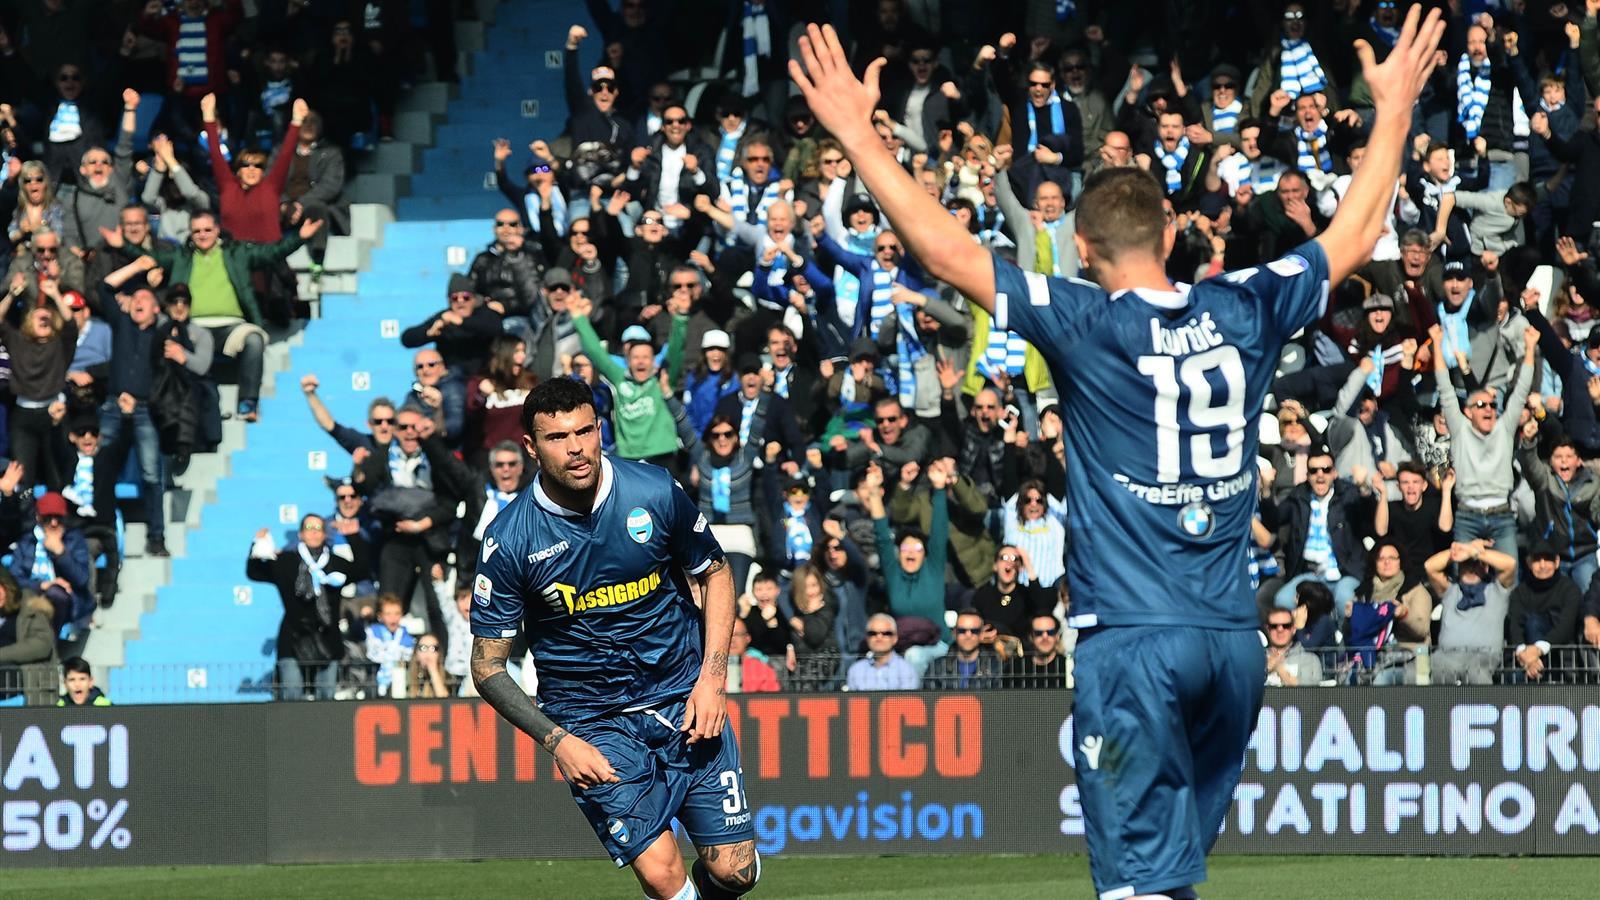 Le pagelle di Spal-Fiorentina 1-4: Petagna lotta come un leone ...